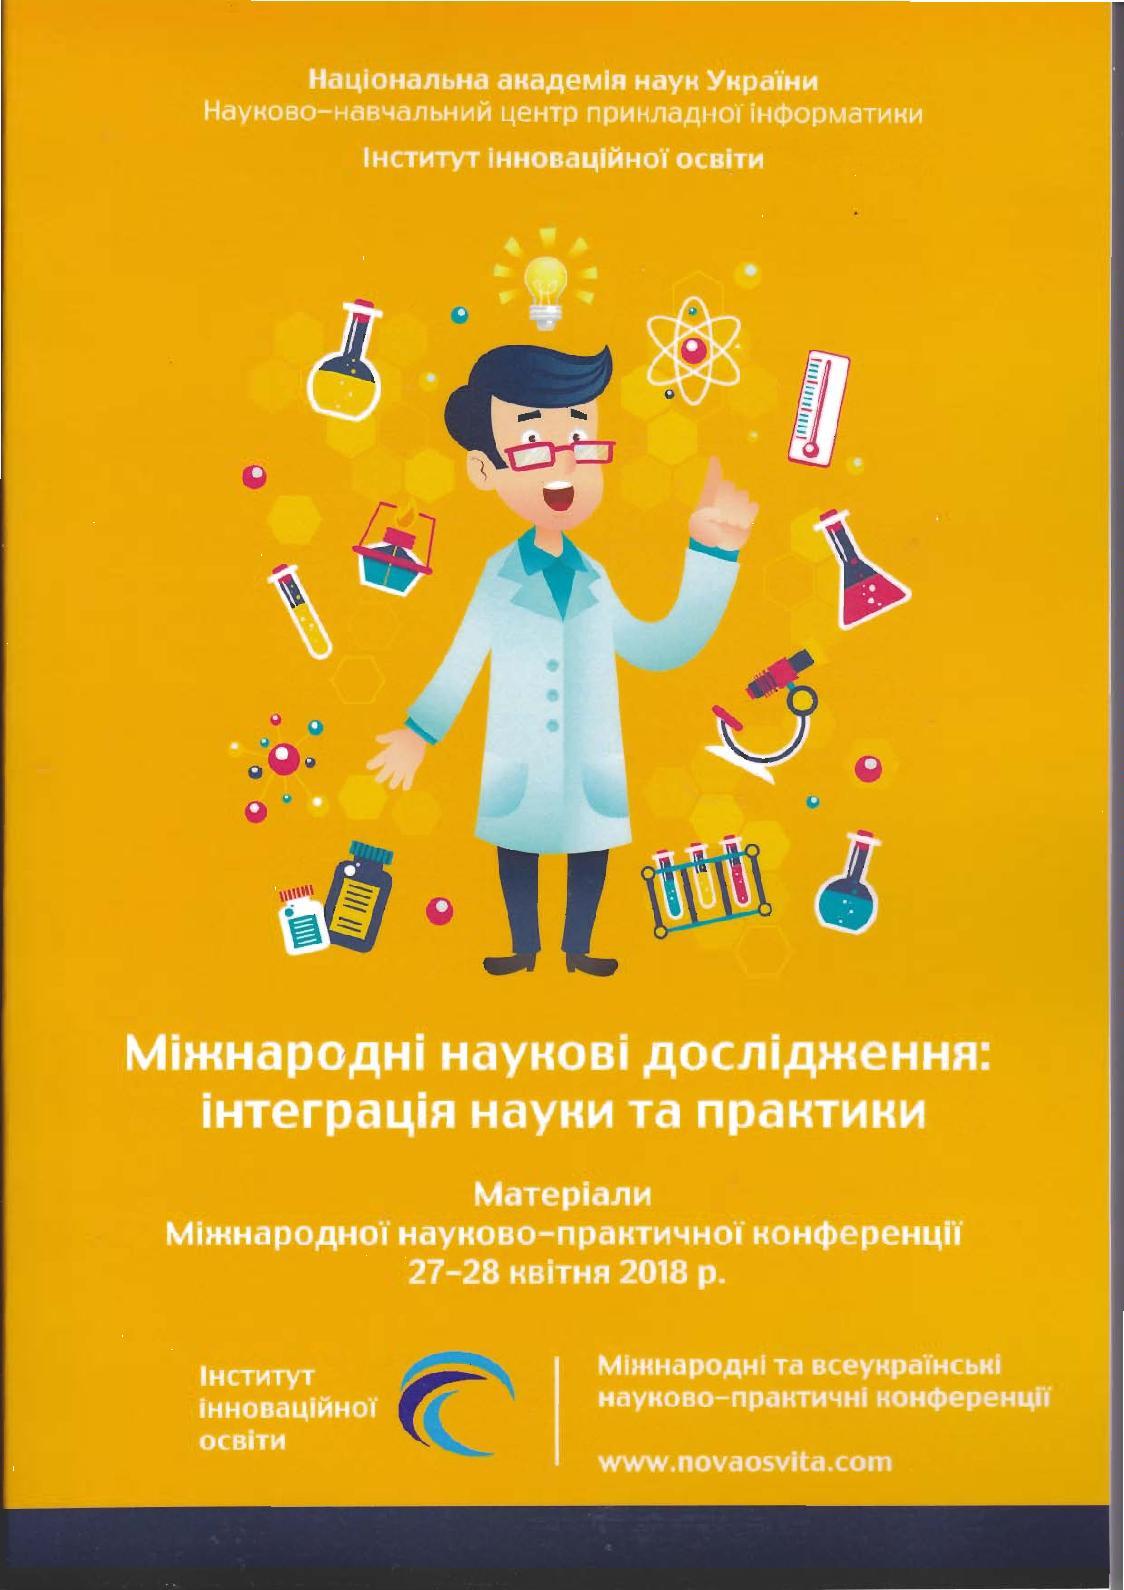 Calaméo - Міжнародні наукові дослідження  інтеграція науки та практики    Матеріали Міжнародної науково-практичної конференції (м. Київ 0785fecd78a07